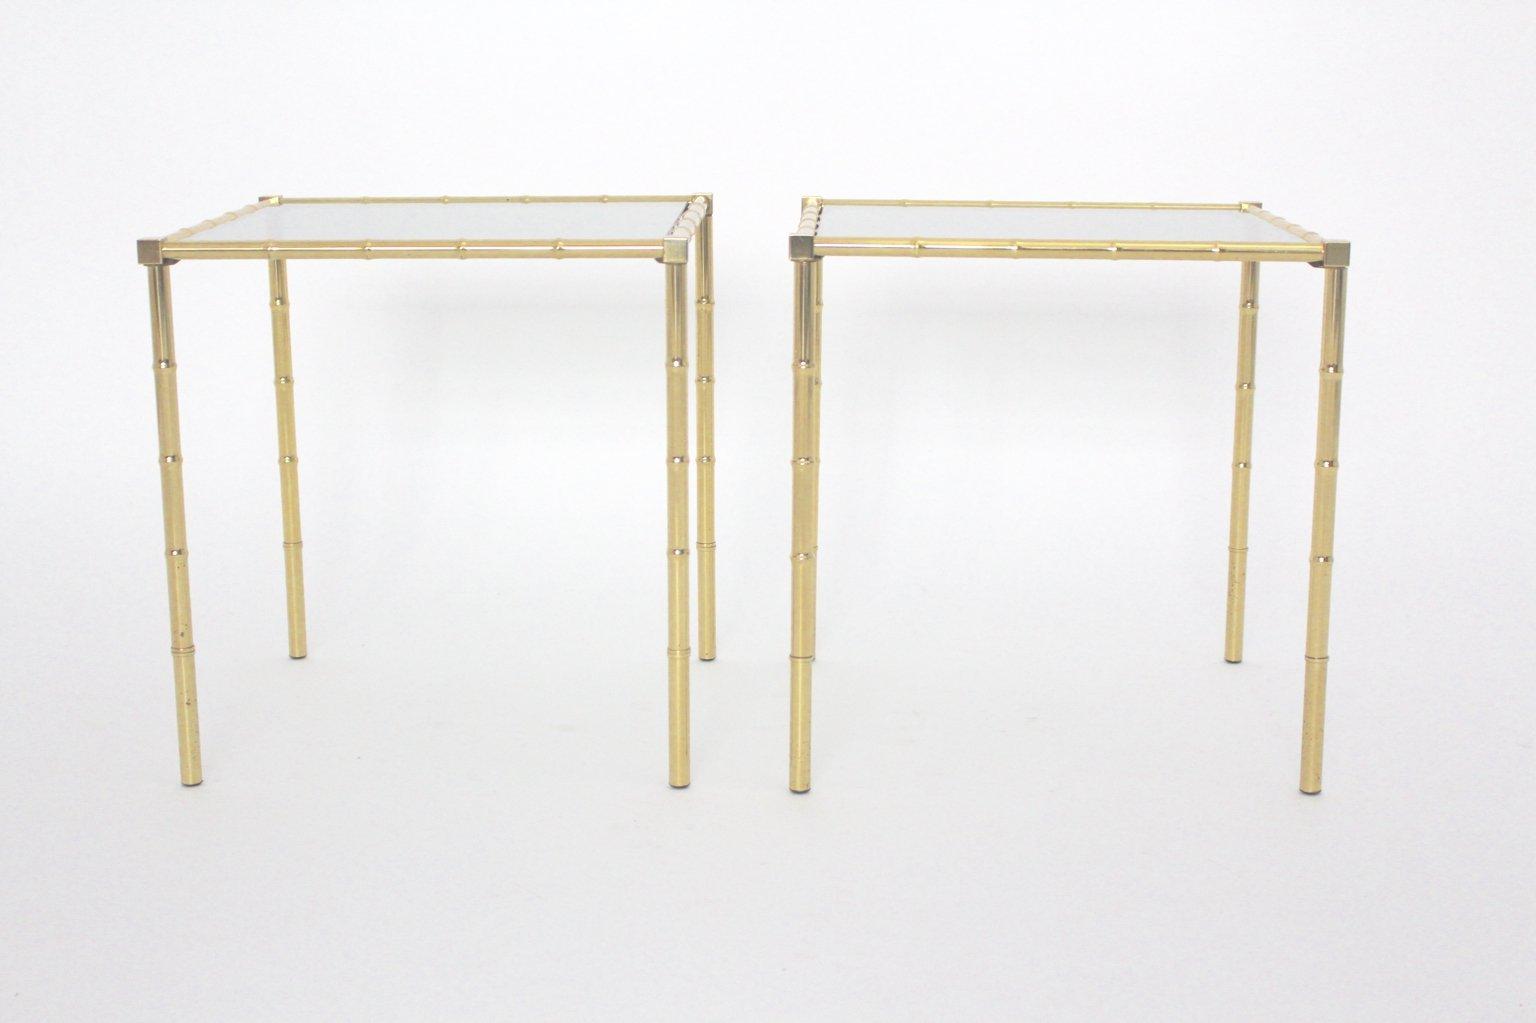 Französische Messing Beistelltische in Bambus Optik, 1960er, 2er Set